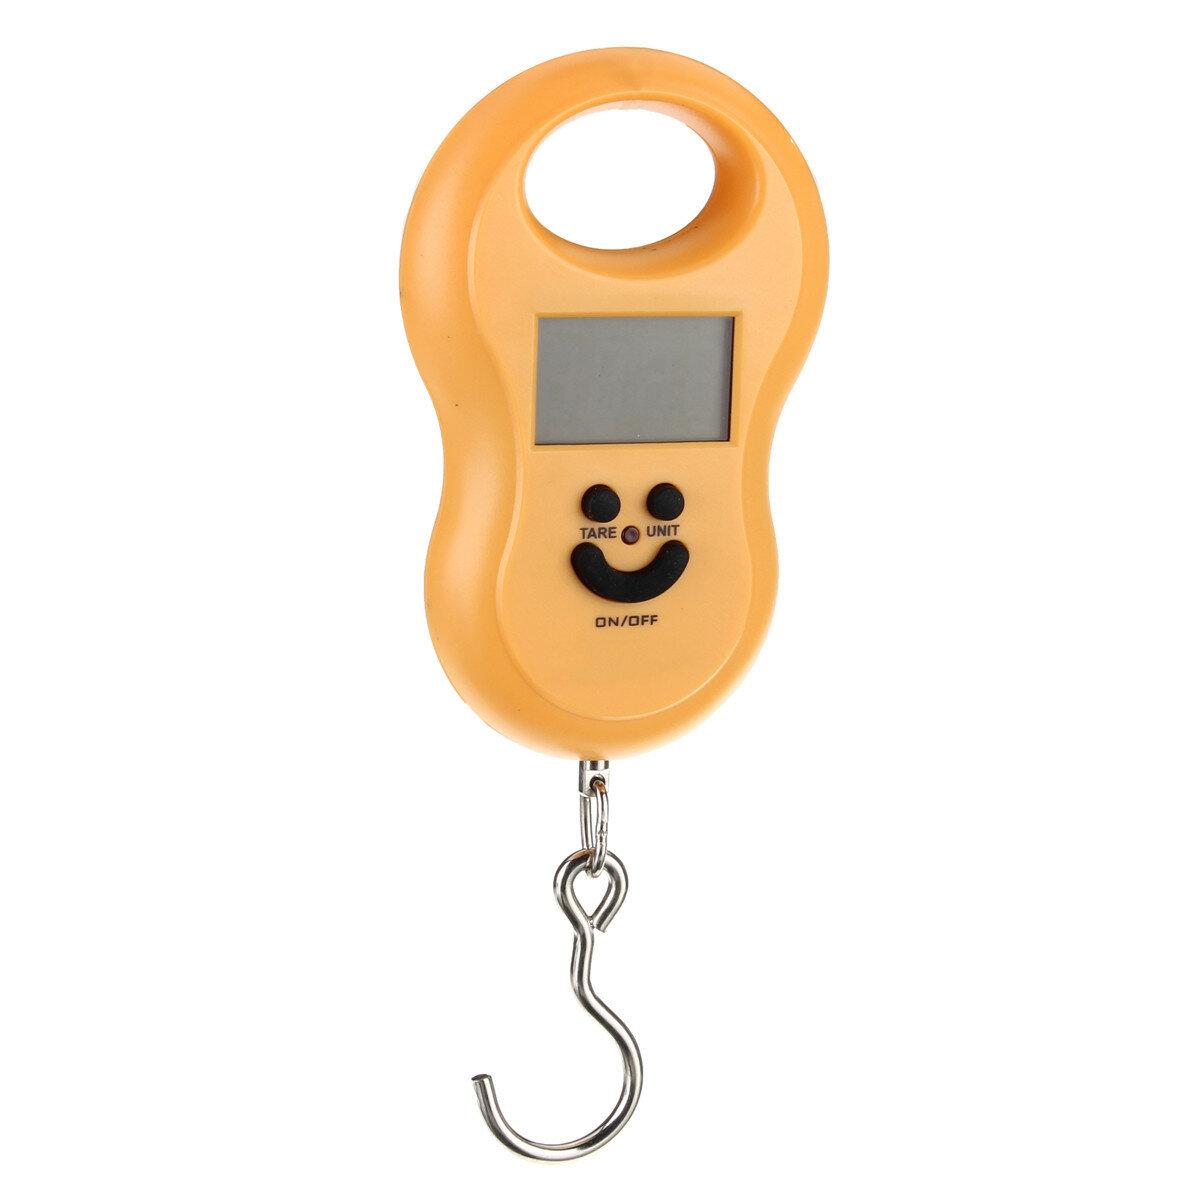 50Kgx5g Asma Cep Telefonu Balıkçılık Ağırlık Valiz Tartı